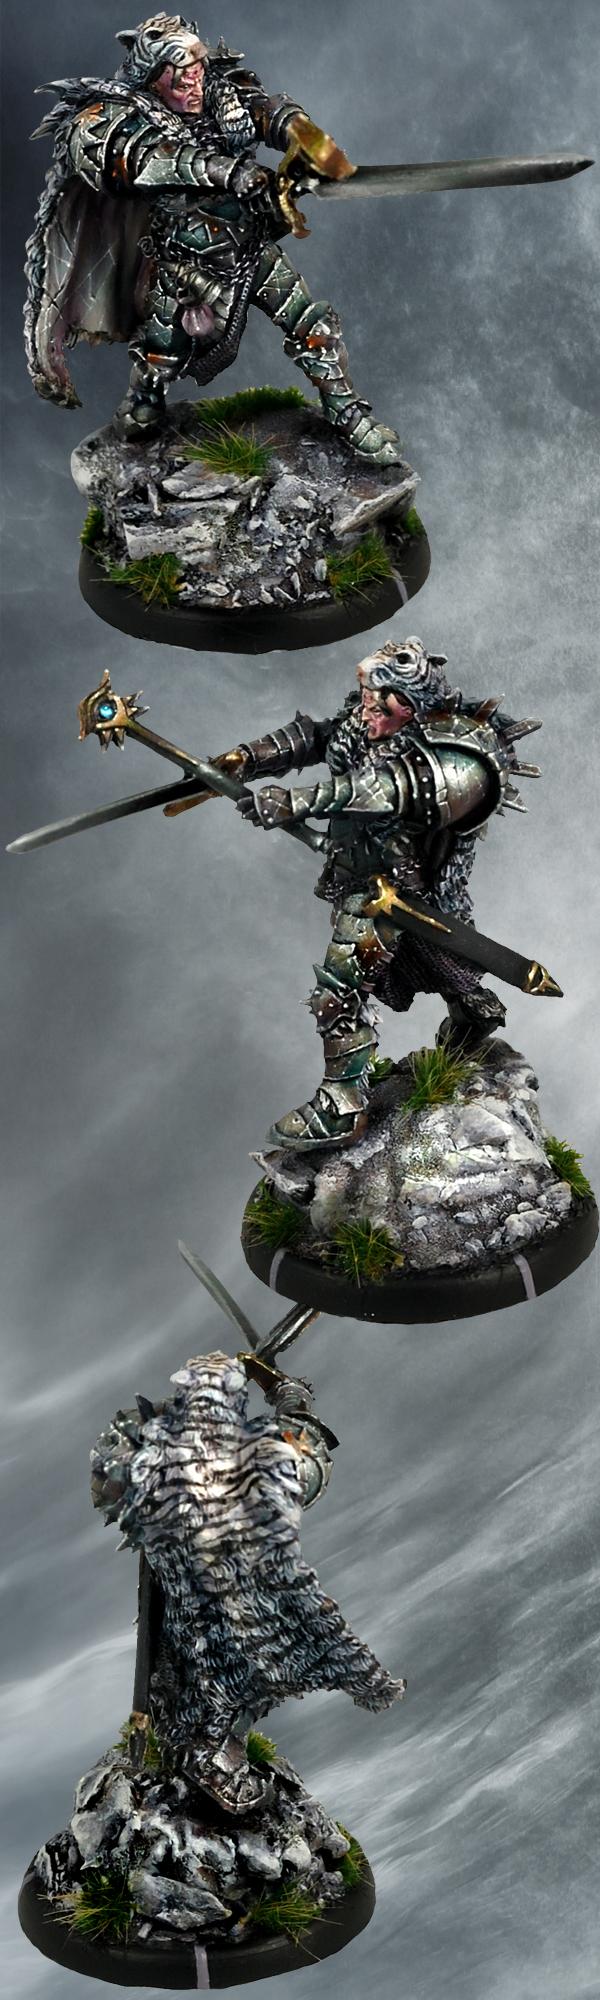 Maagaan, Warlock of Balor, Mierce Miniatures